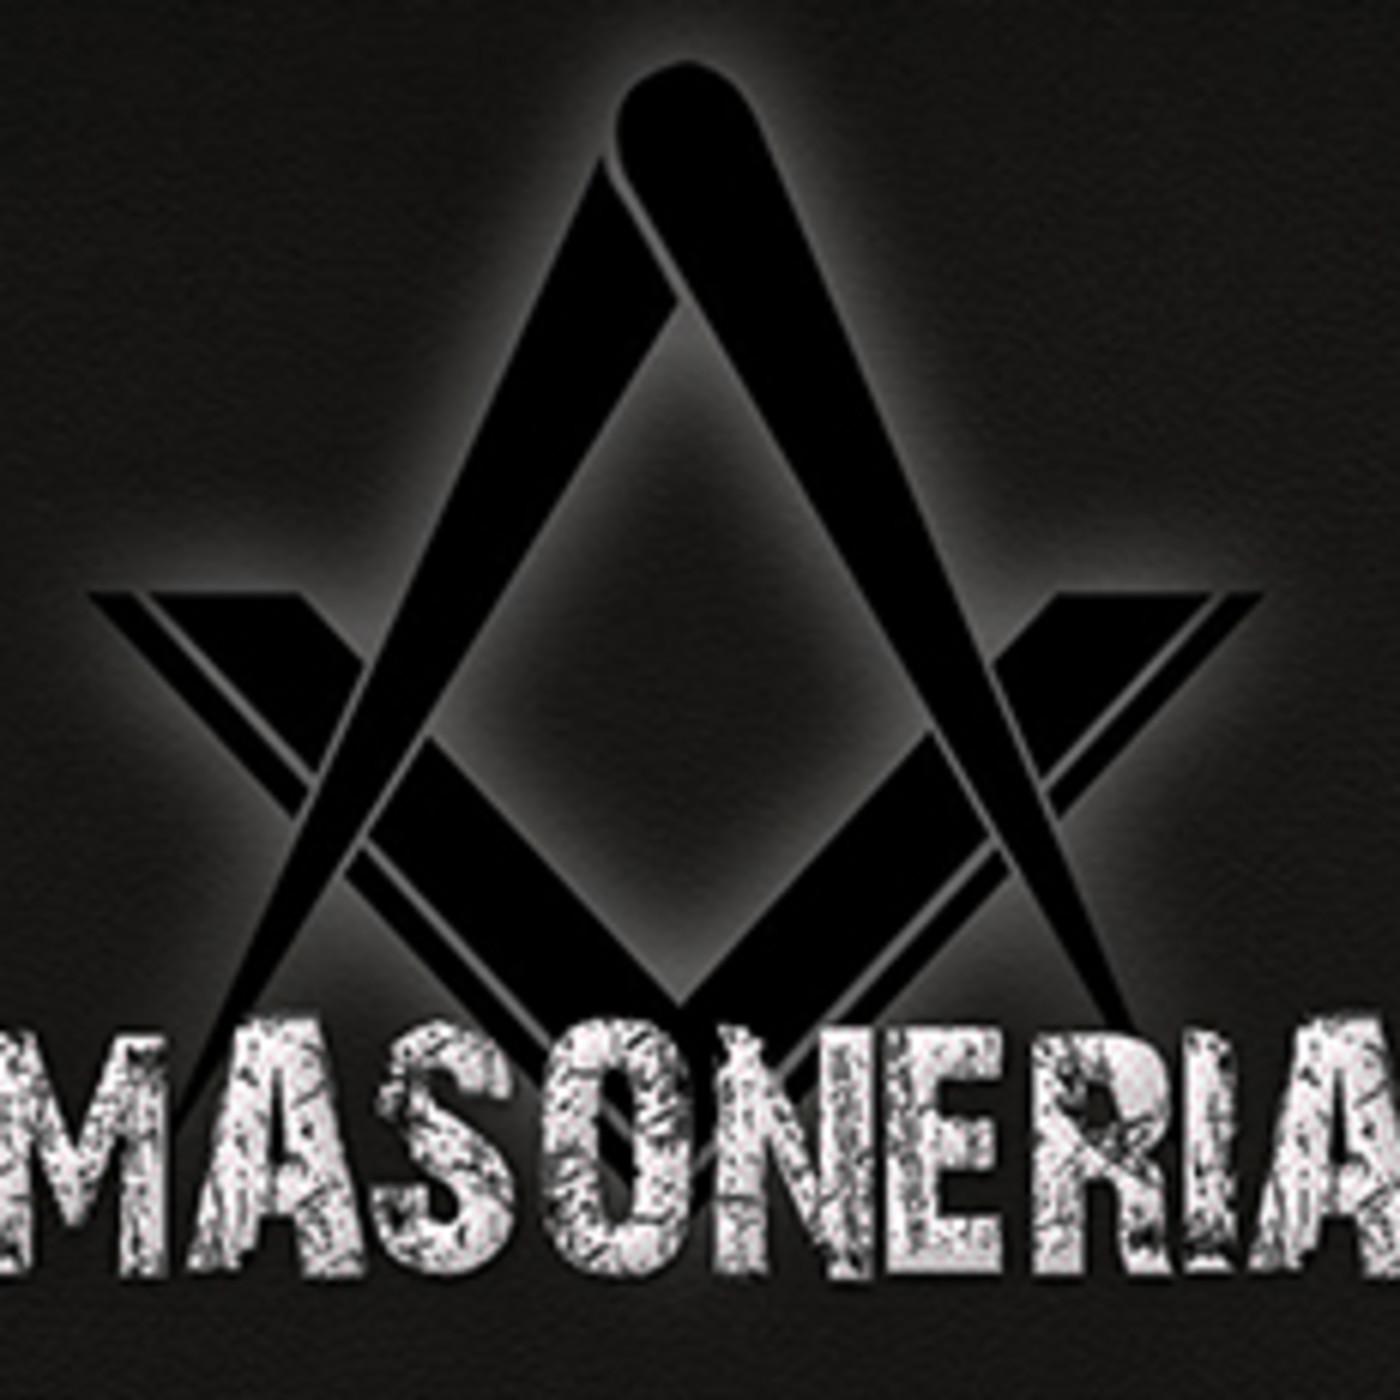 La Masonería - Con la Gran Logia de España